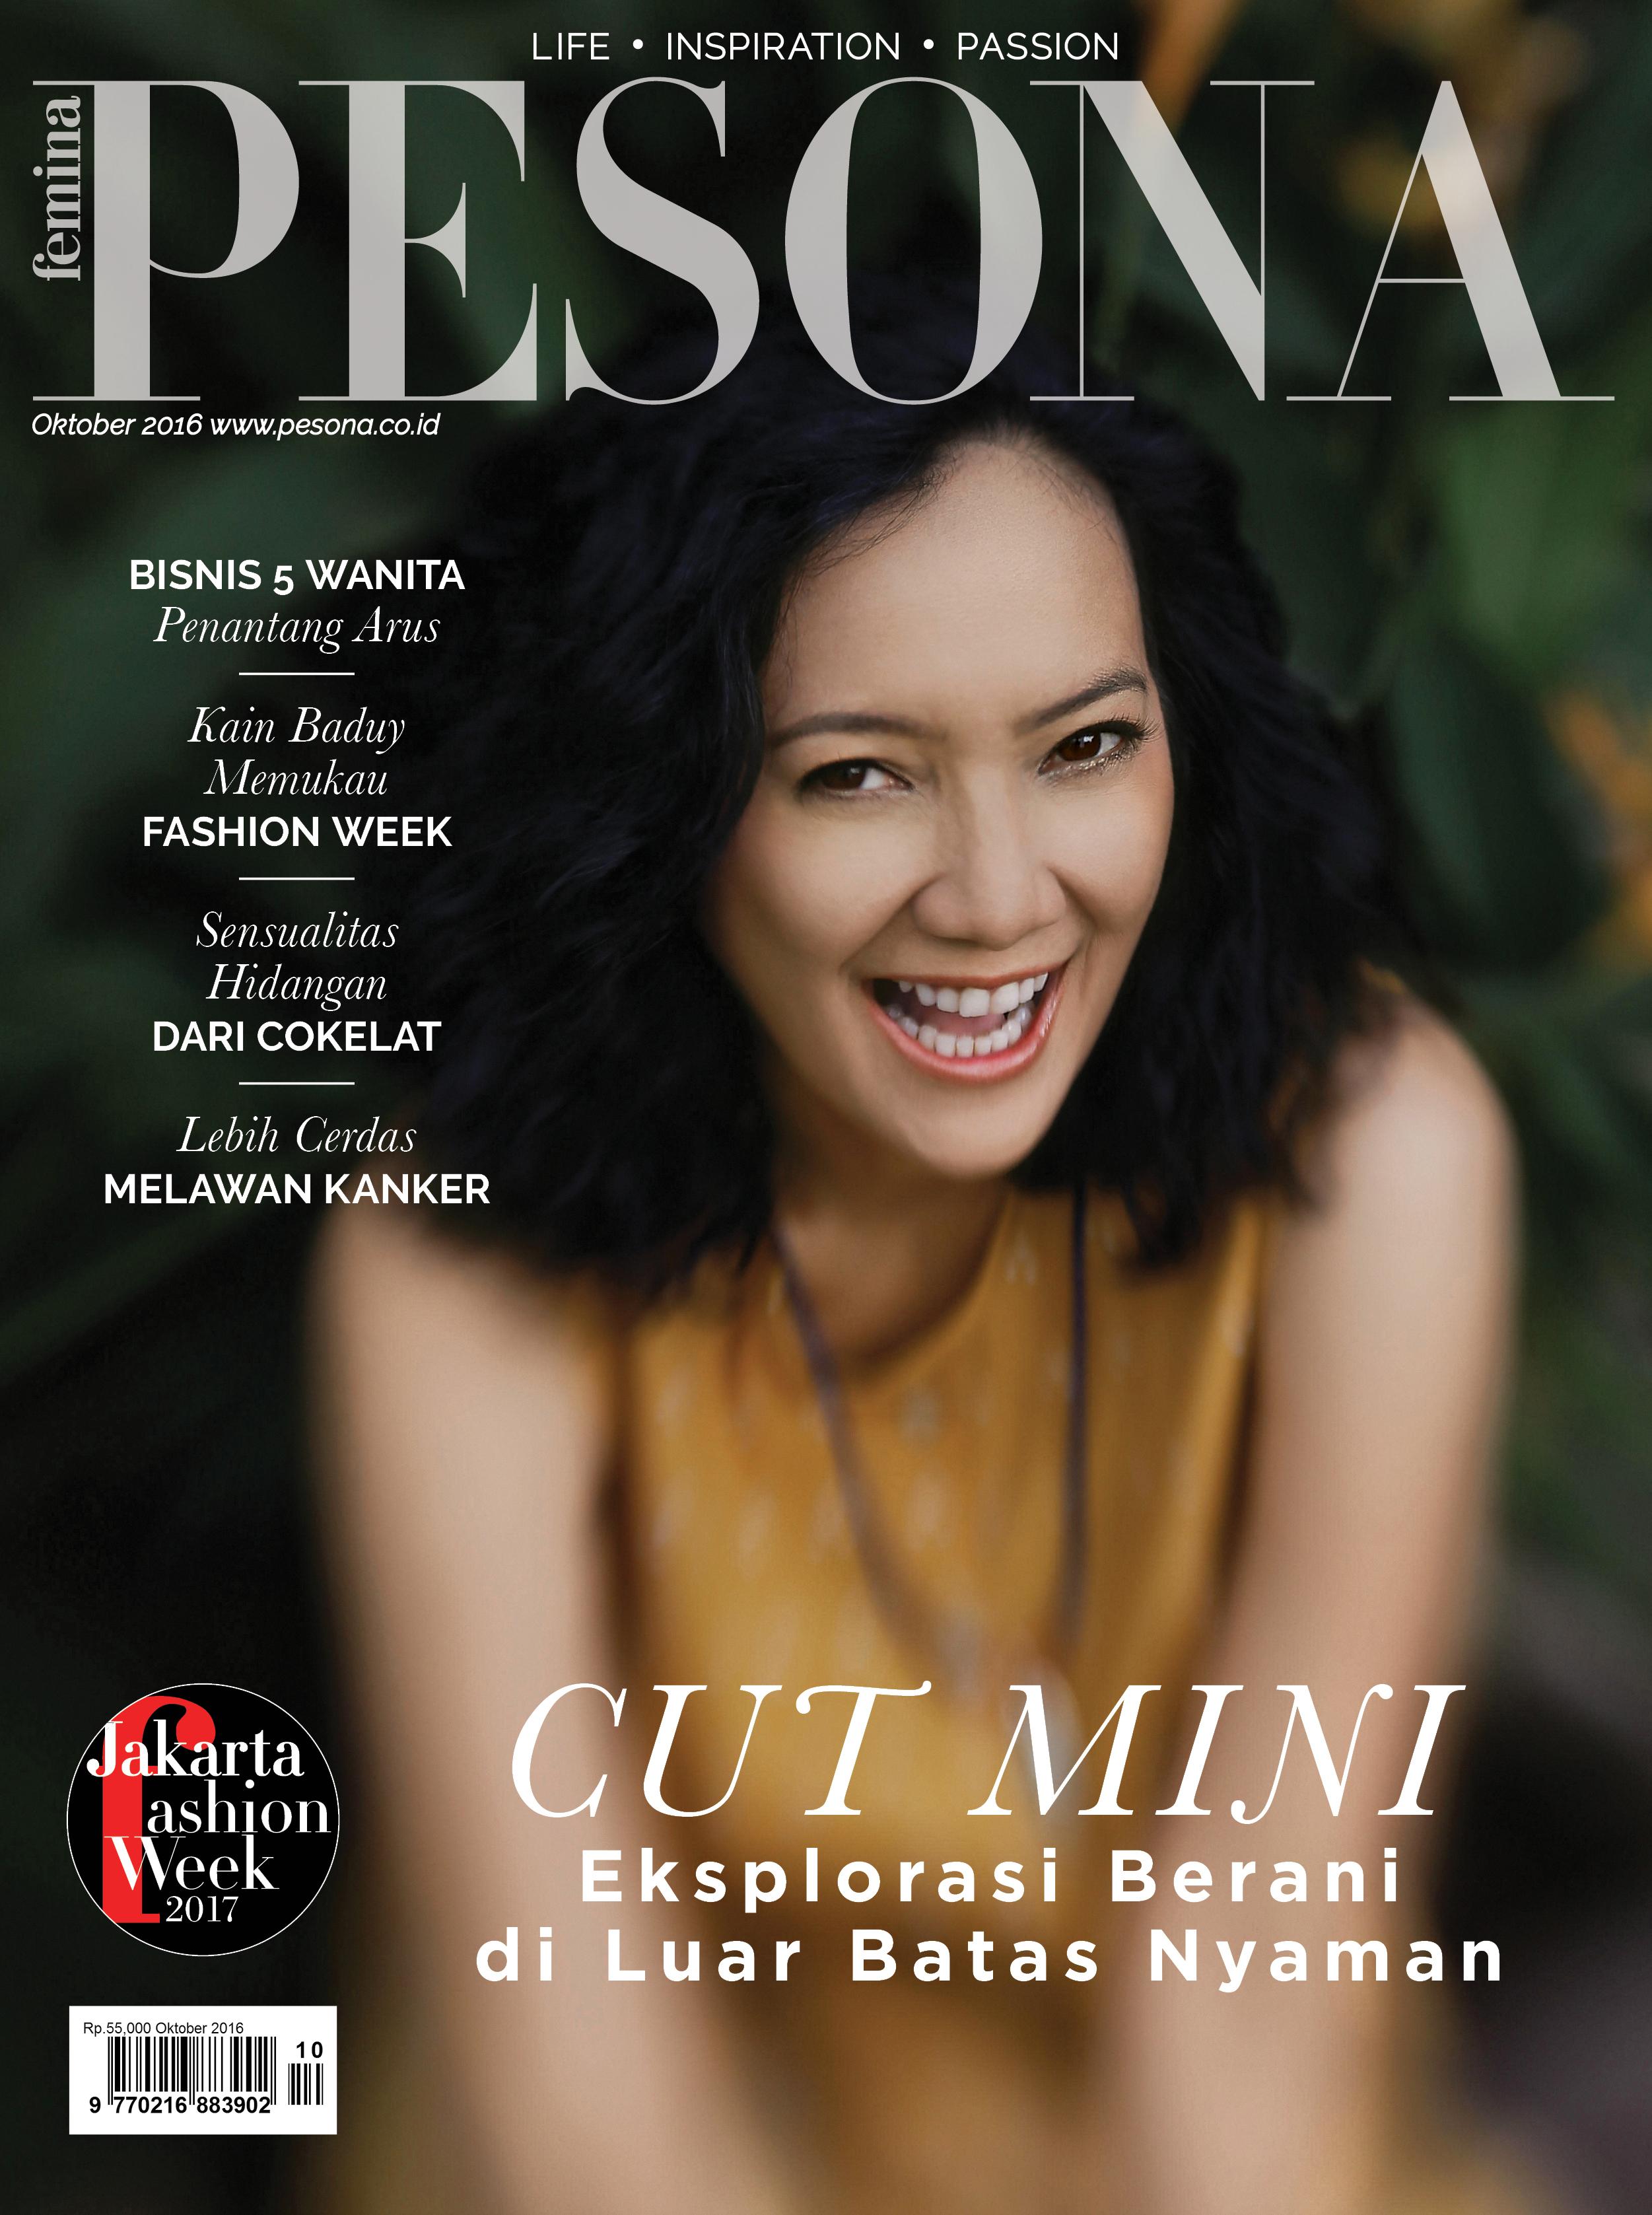 Majalah Pesona edisi Oktober 2016